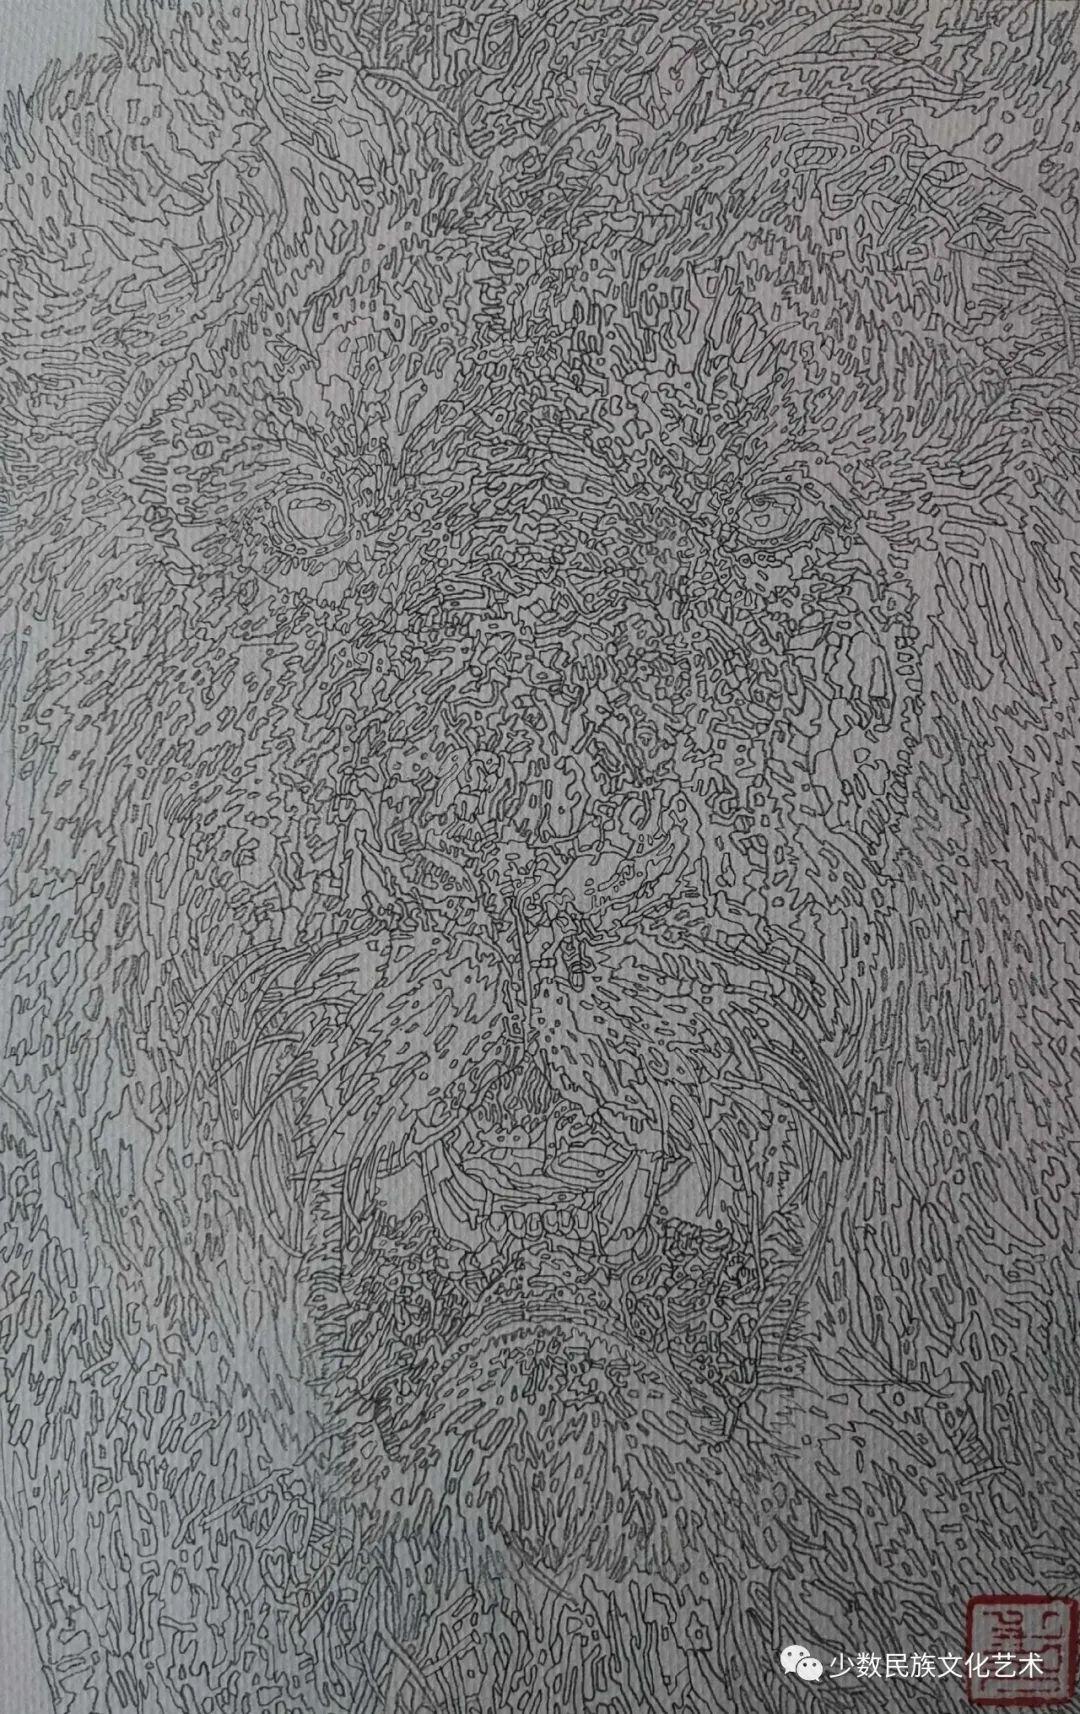 蒙古族青年画家吴智彬近作欣赏 第7张 蒙古族青年画家吴智彬近作欣赏 蒙古画廊